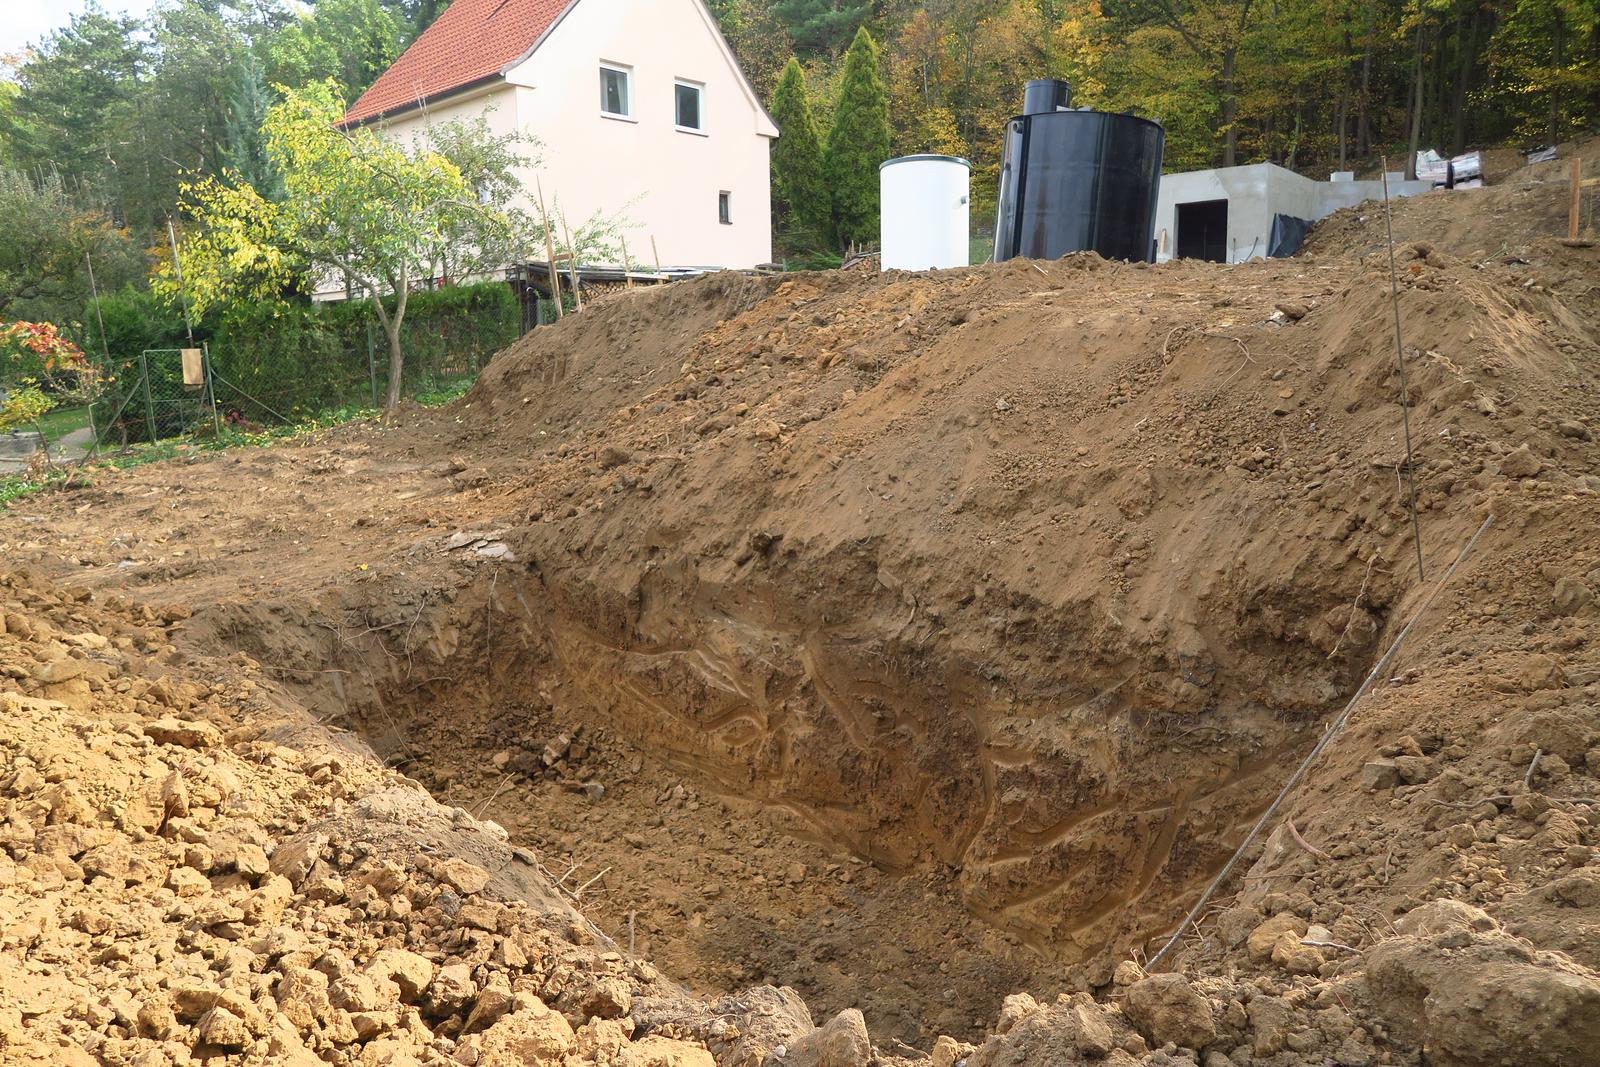 Stavba našeho bungalovu ve svahu - Rodinná hrobka :-D Až nás z toho klepne :-) Jinak vsak...